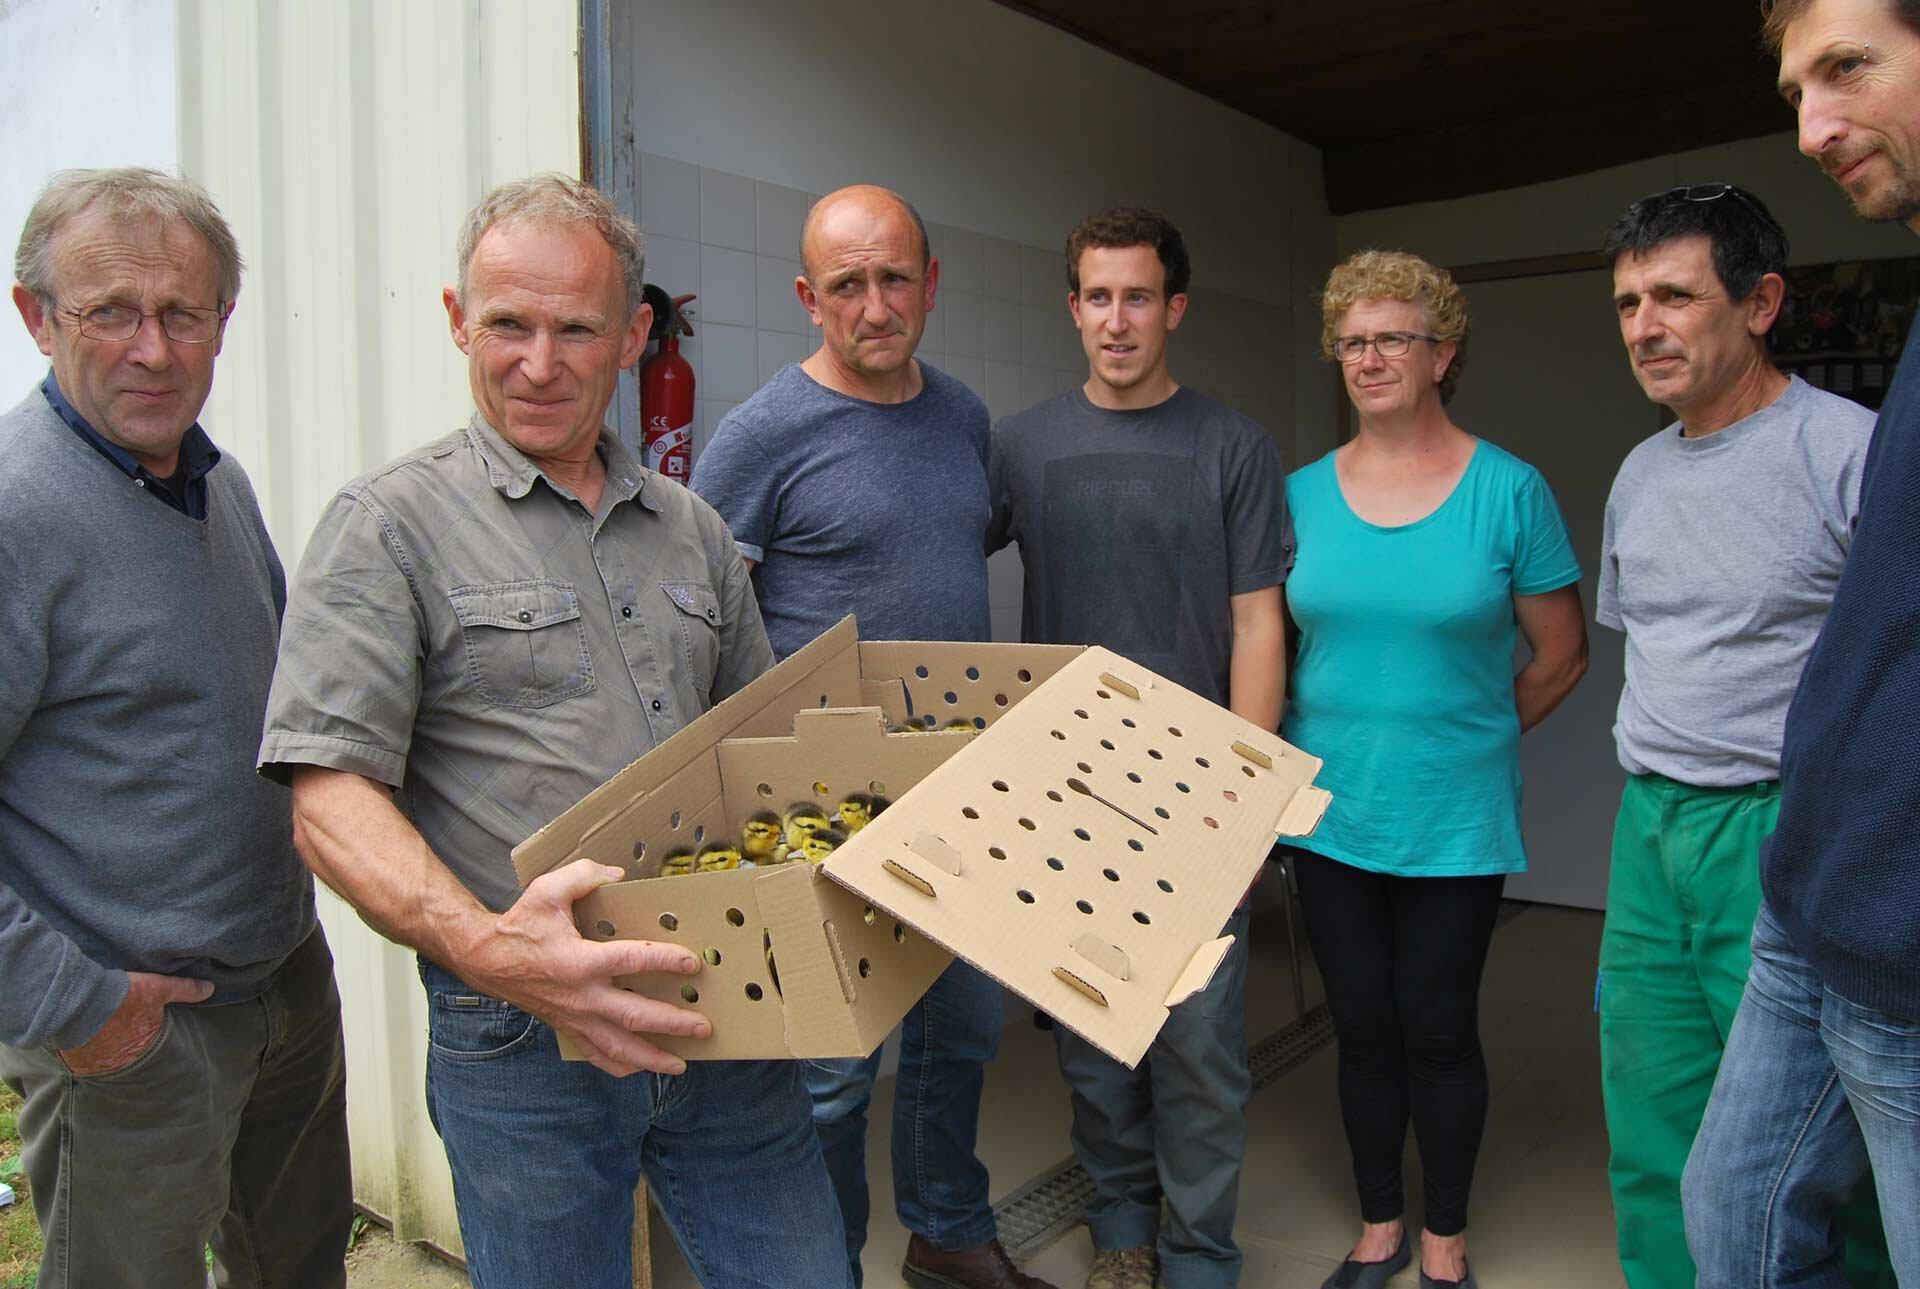 Les militants contre l'élevage industriel des canards, tenant une boîte avec des canetons, au palais de justice.